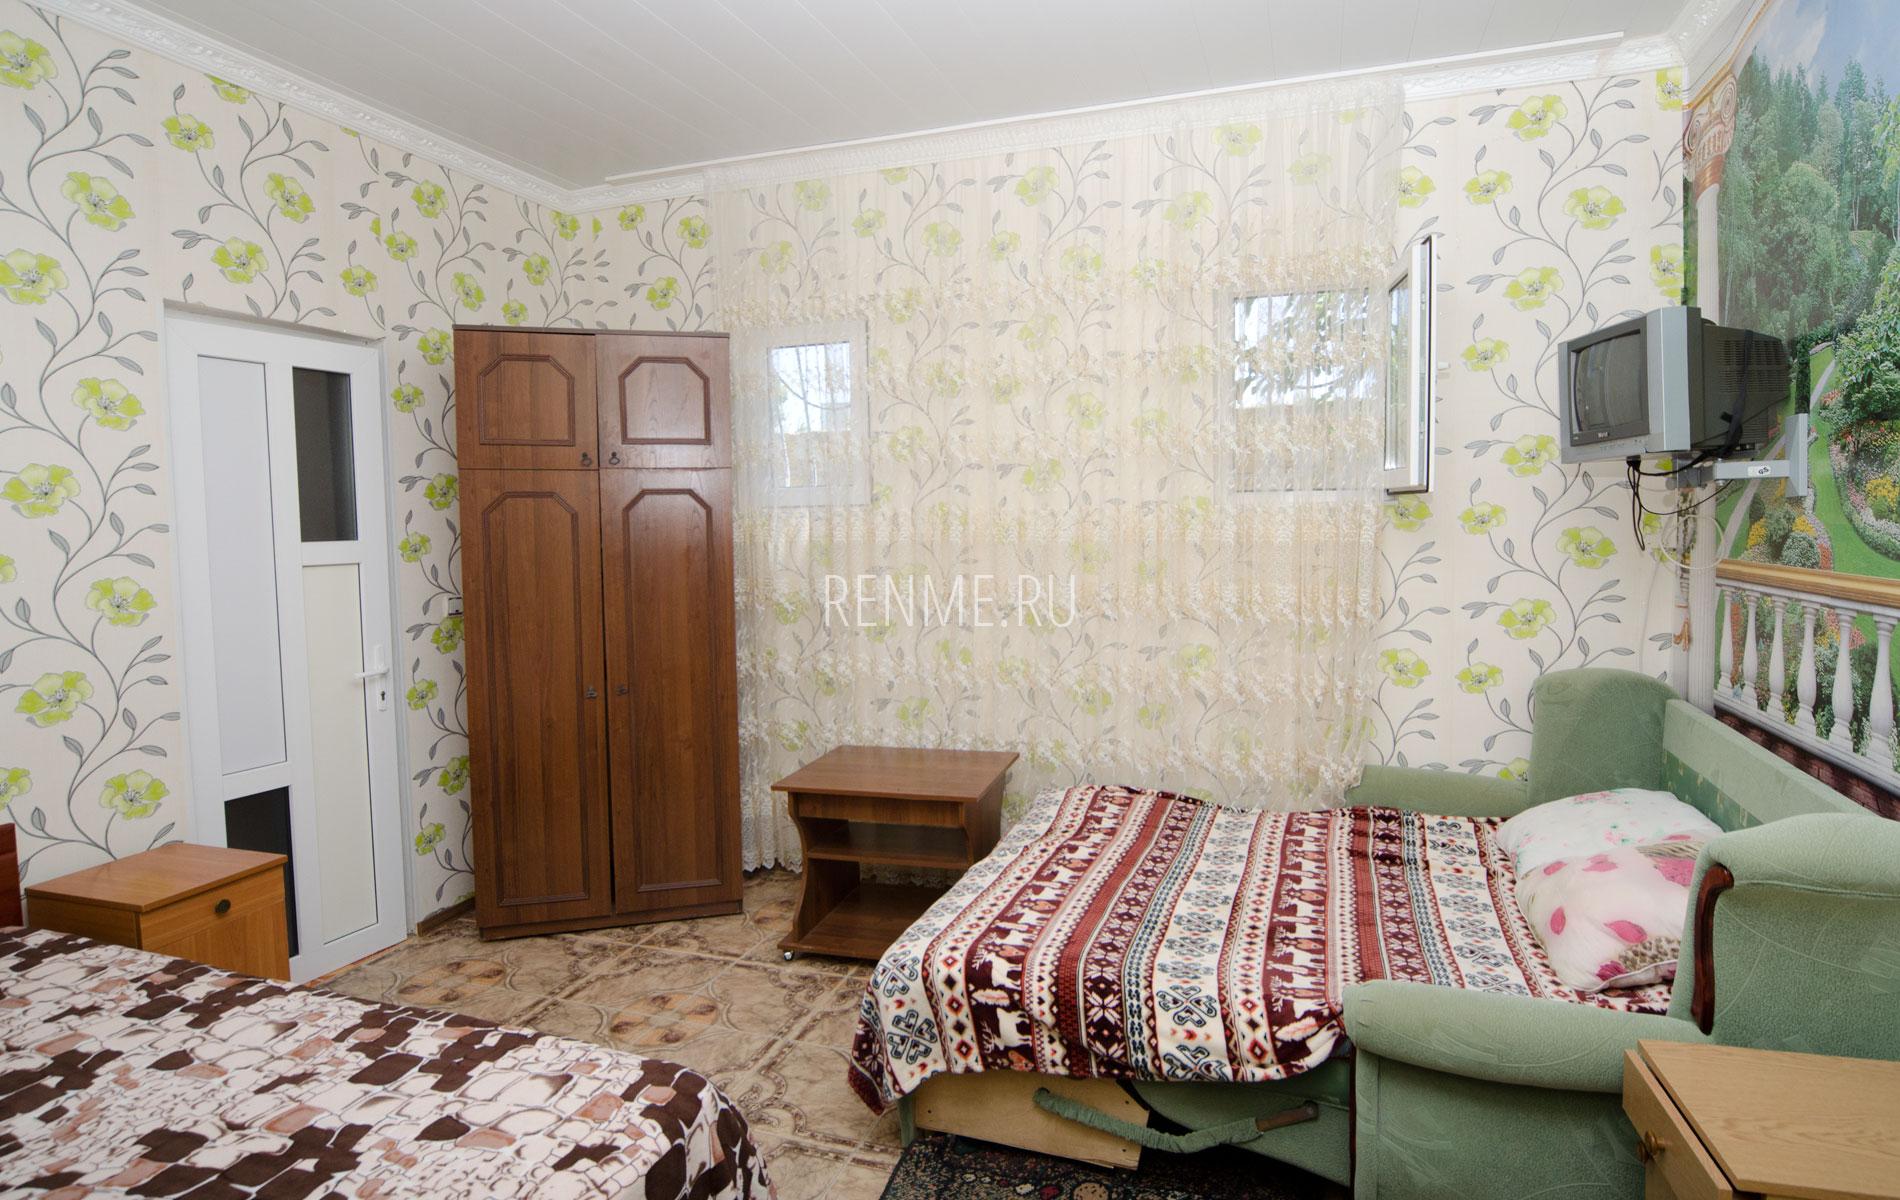 Комната. Однокомнатная квартира. Зеленый дворик. Заозёрное